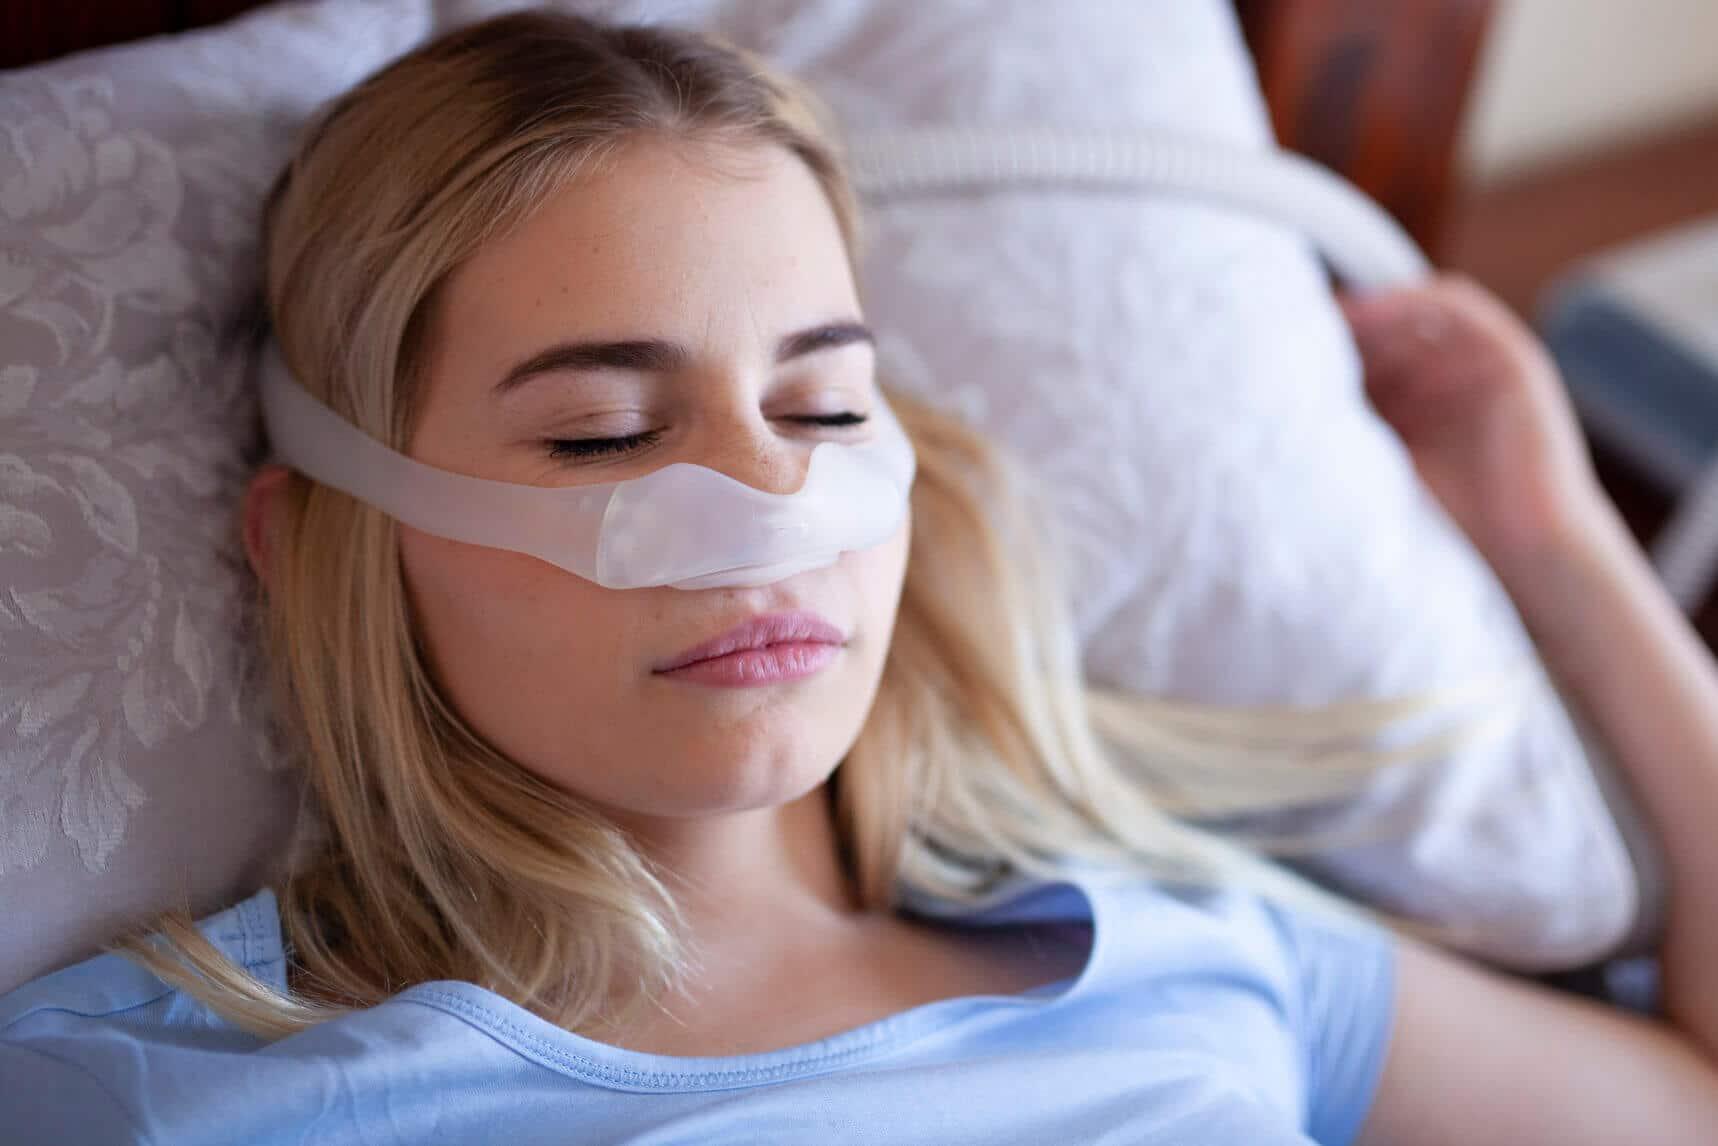 Schlafapnoe kann sich in unterschiedlichen Symptomen widerspiegeln.